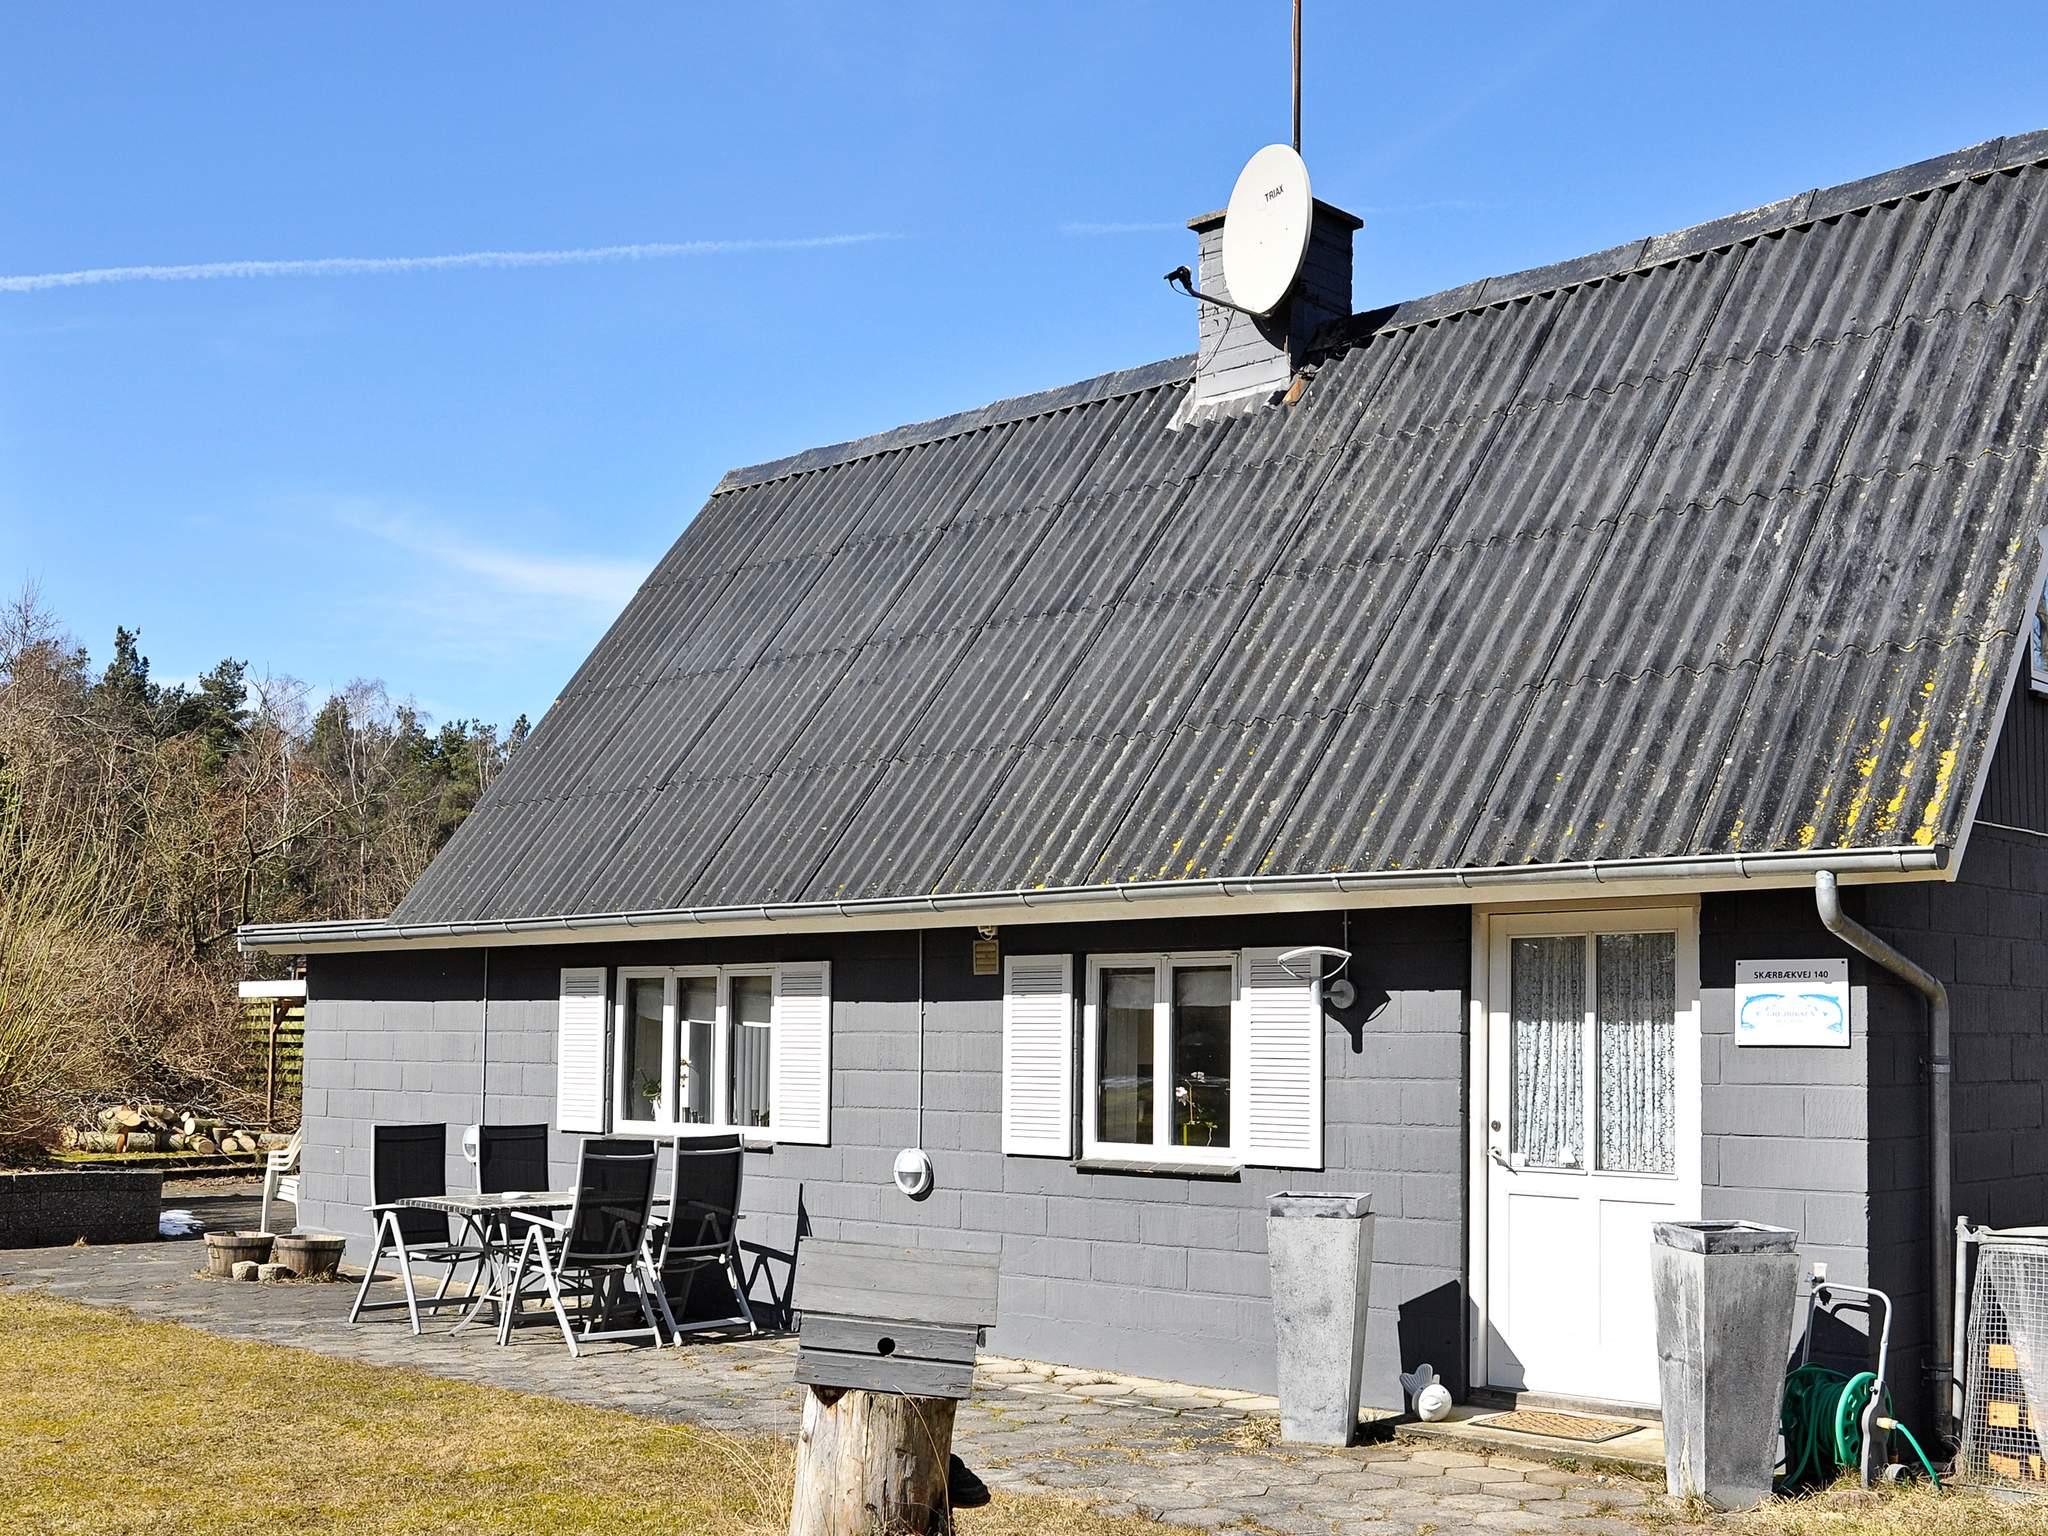 Ferienhaus Silkeborg (757425), Silkeborg, , Ostjütland, Dänemark, Bild 1